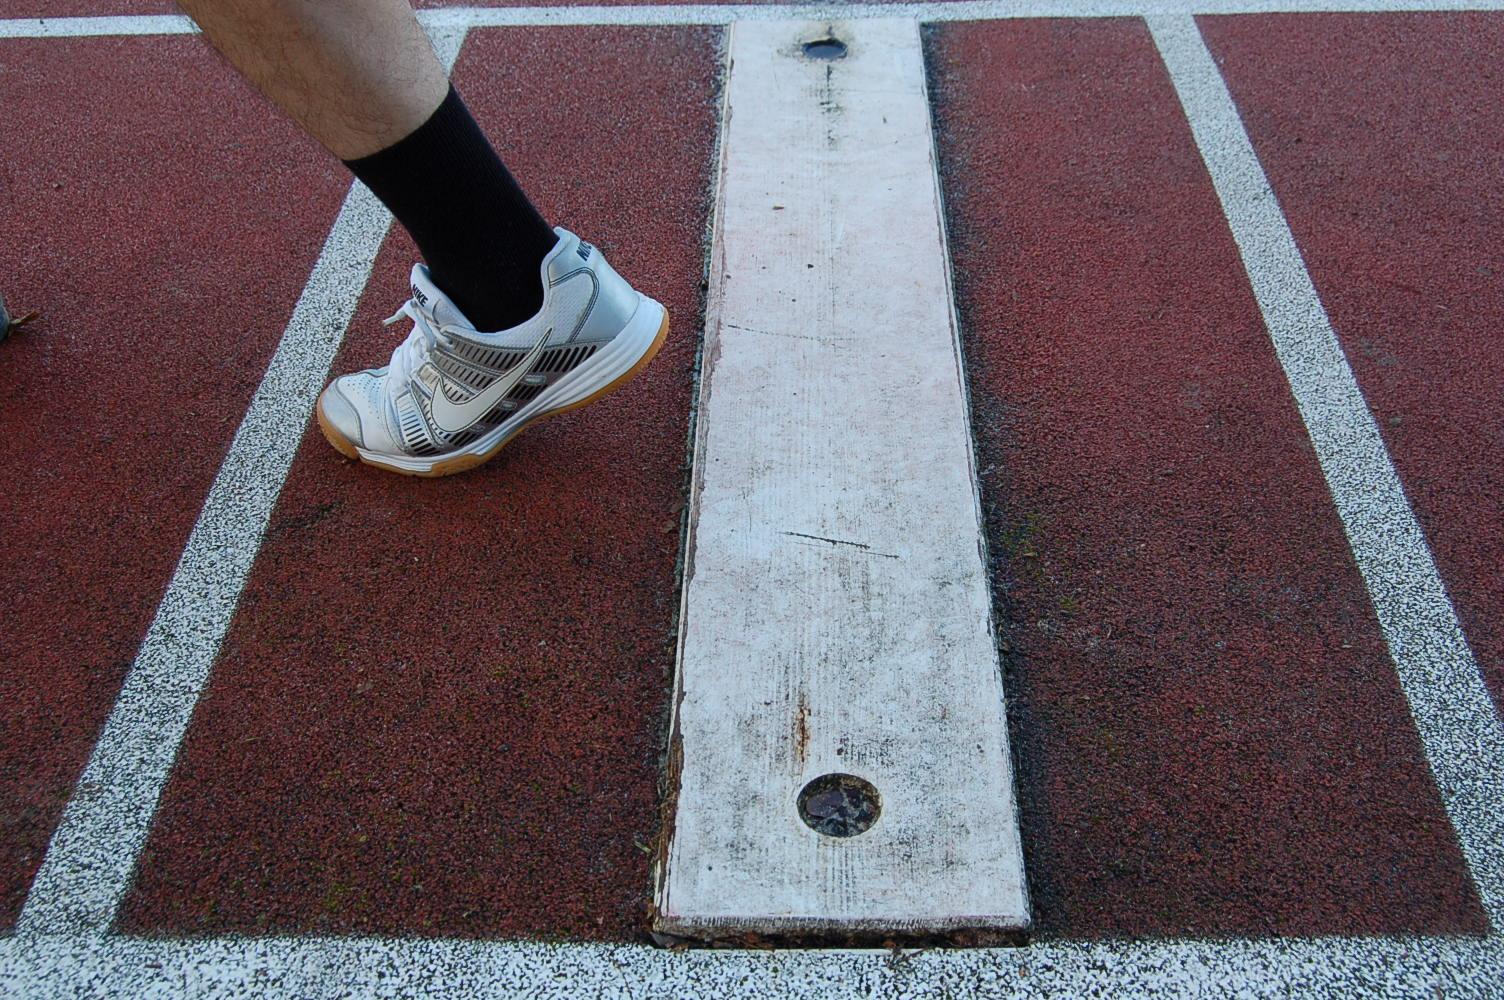 Au saut en longueur avec la zone d'appel, l'emplacement du pied d'appel est-il correct ?